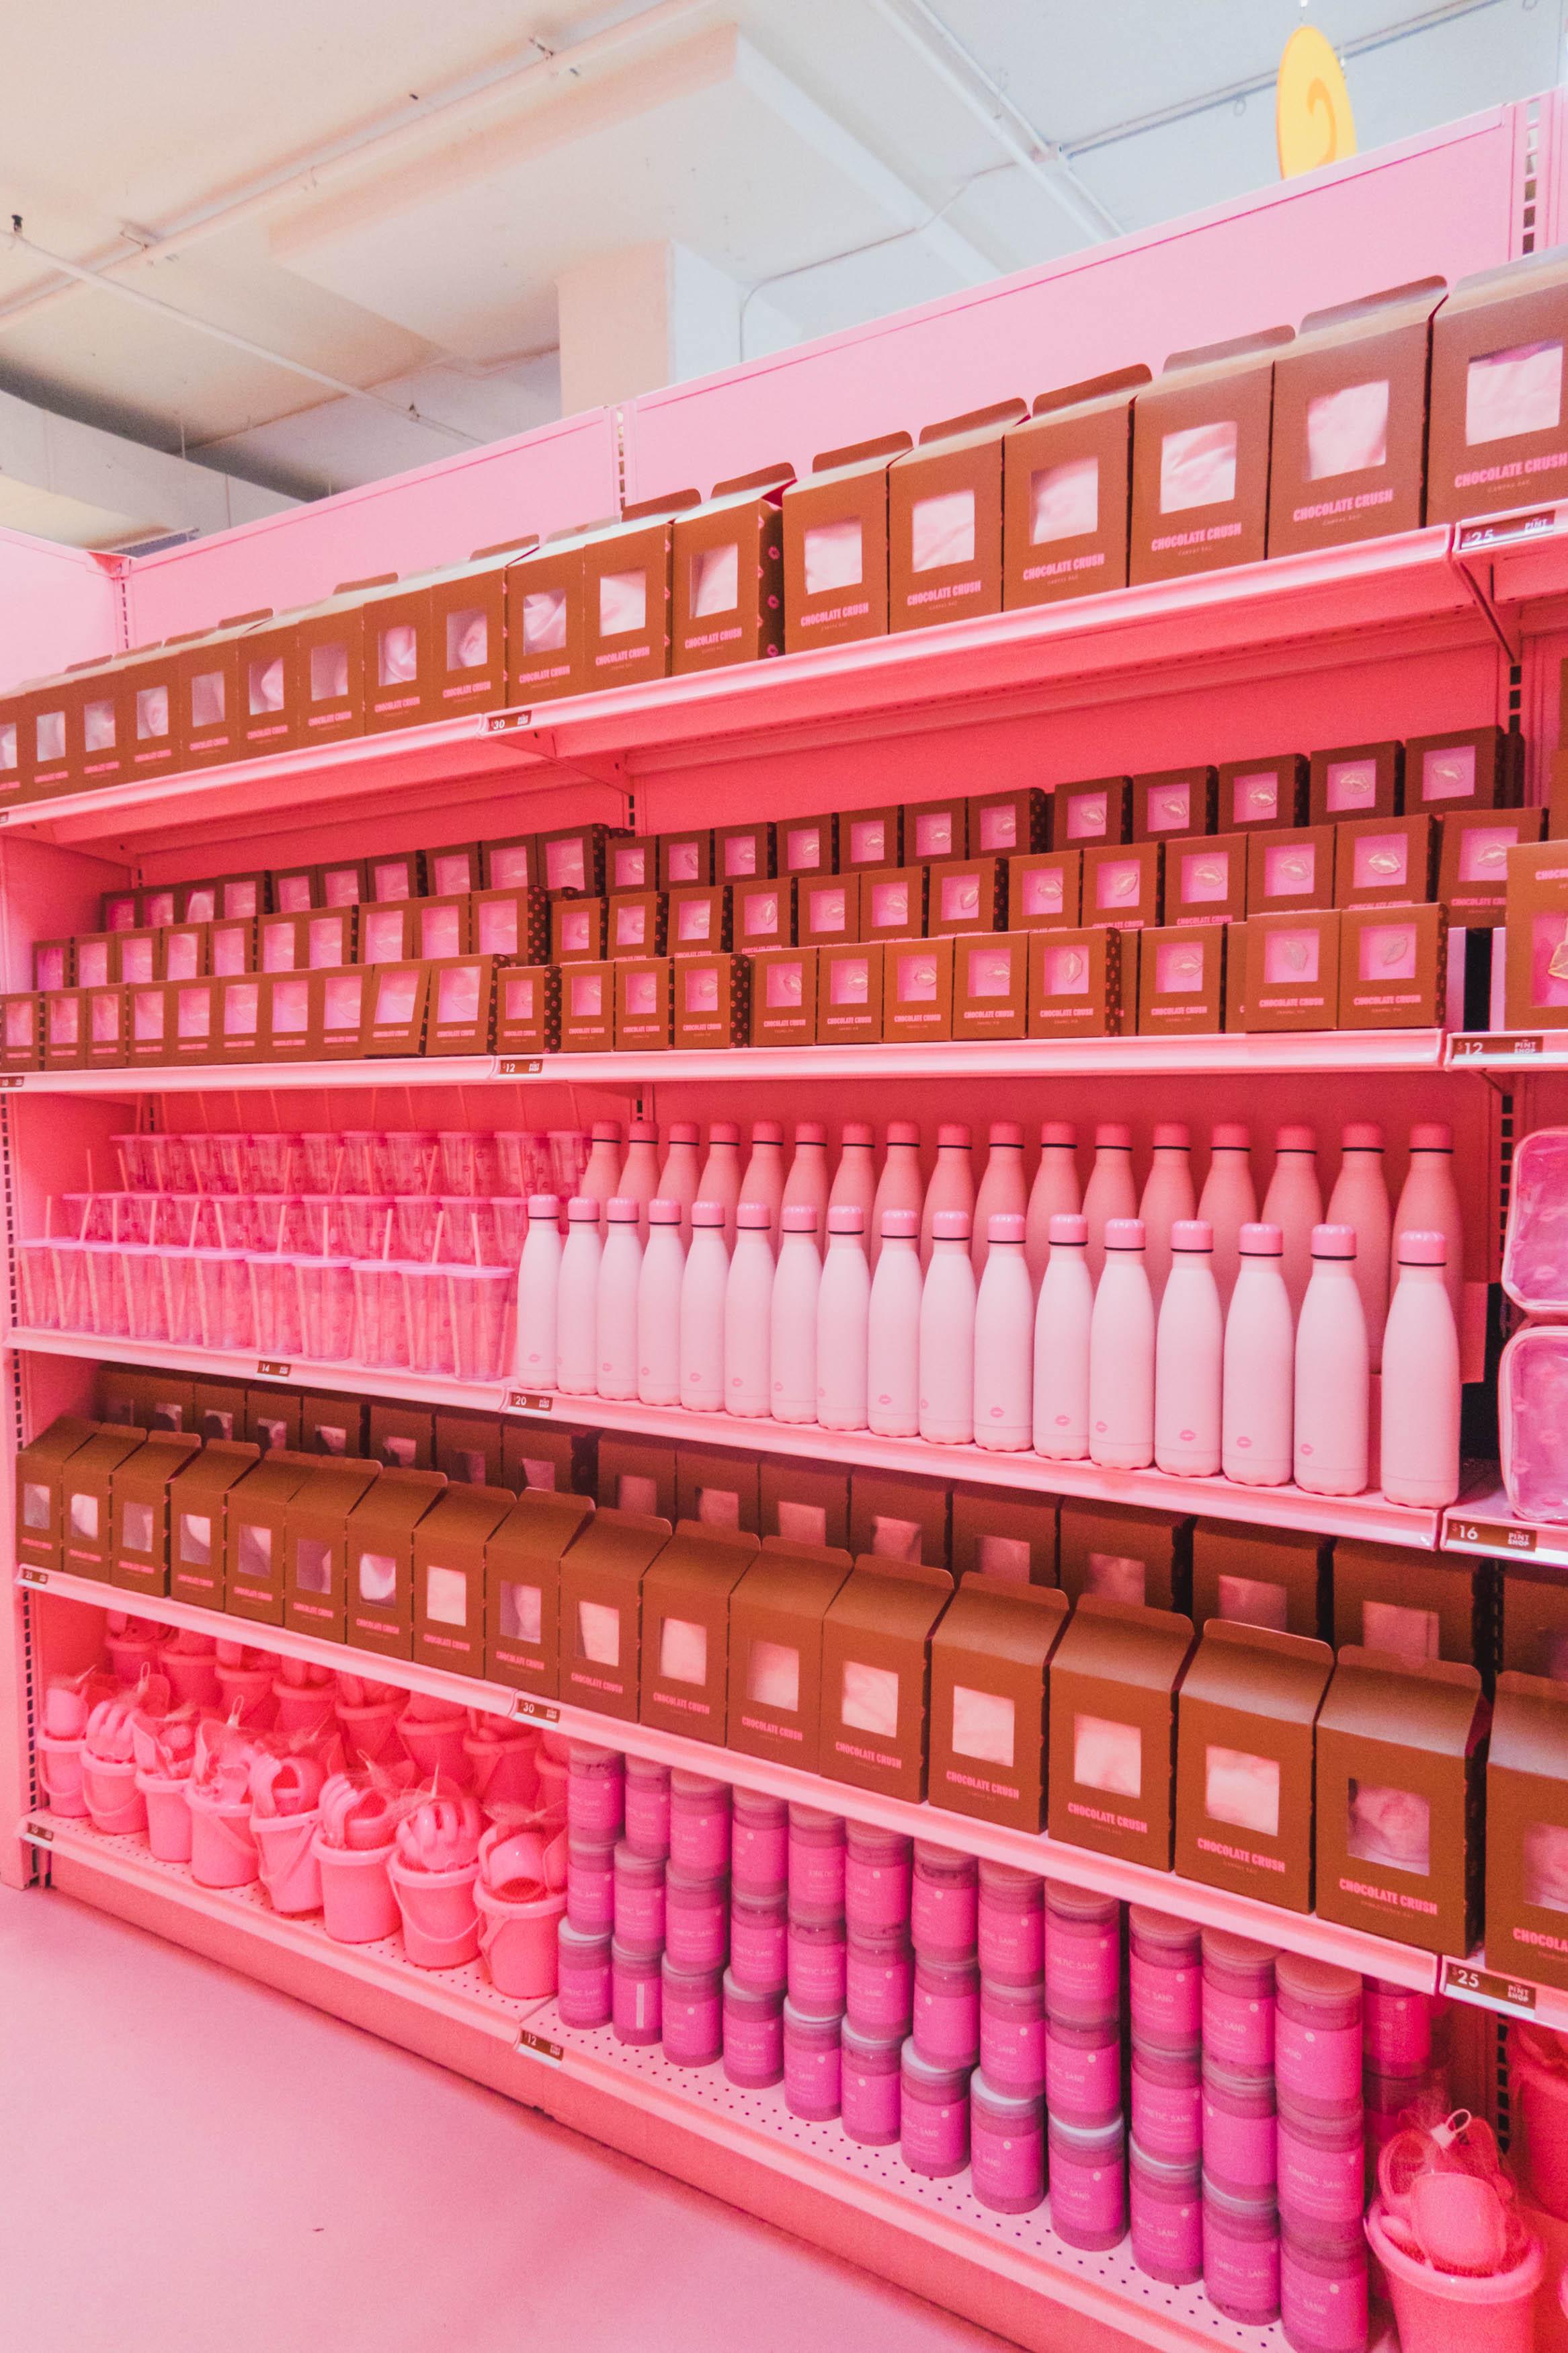 museum-ice-cream-new-york-pint-5.jpg